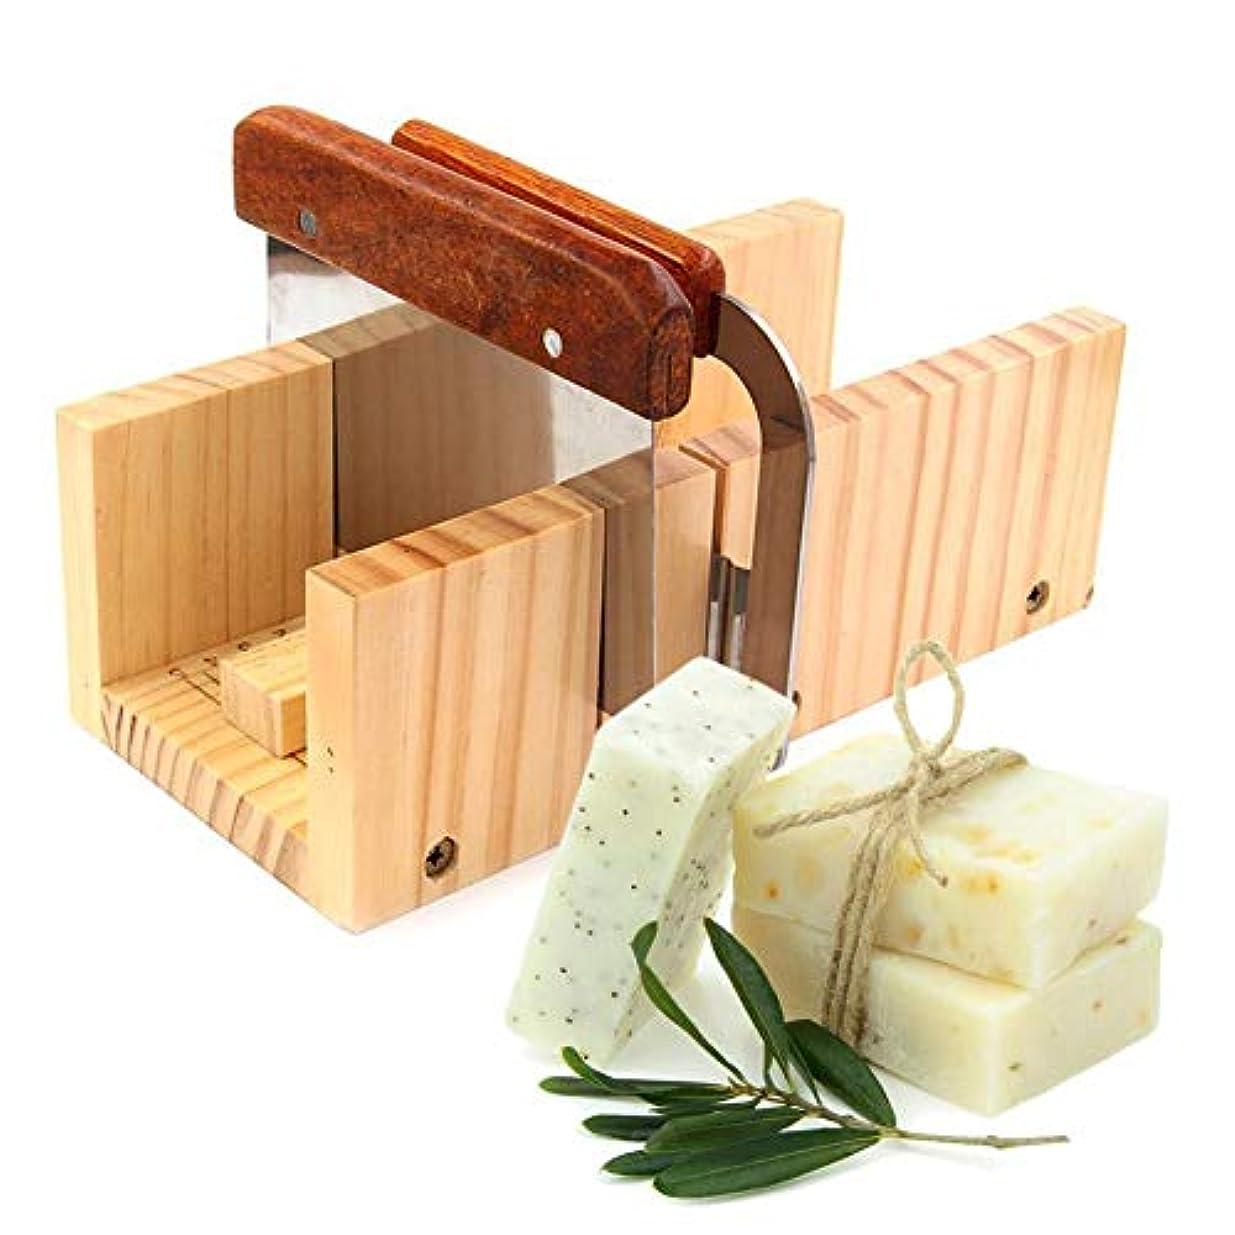 懲らしめ状態創傷Ragem ソープカッター 手作り石鹸金型 木製 ローフカッターボックス 調整可能 多機能ソープ切削工具 ストレートプレーニングツール